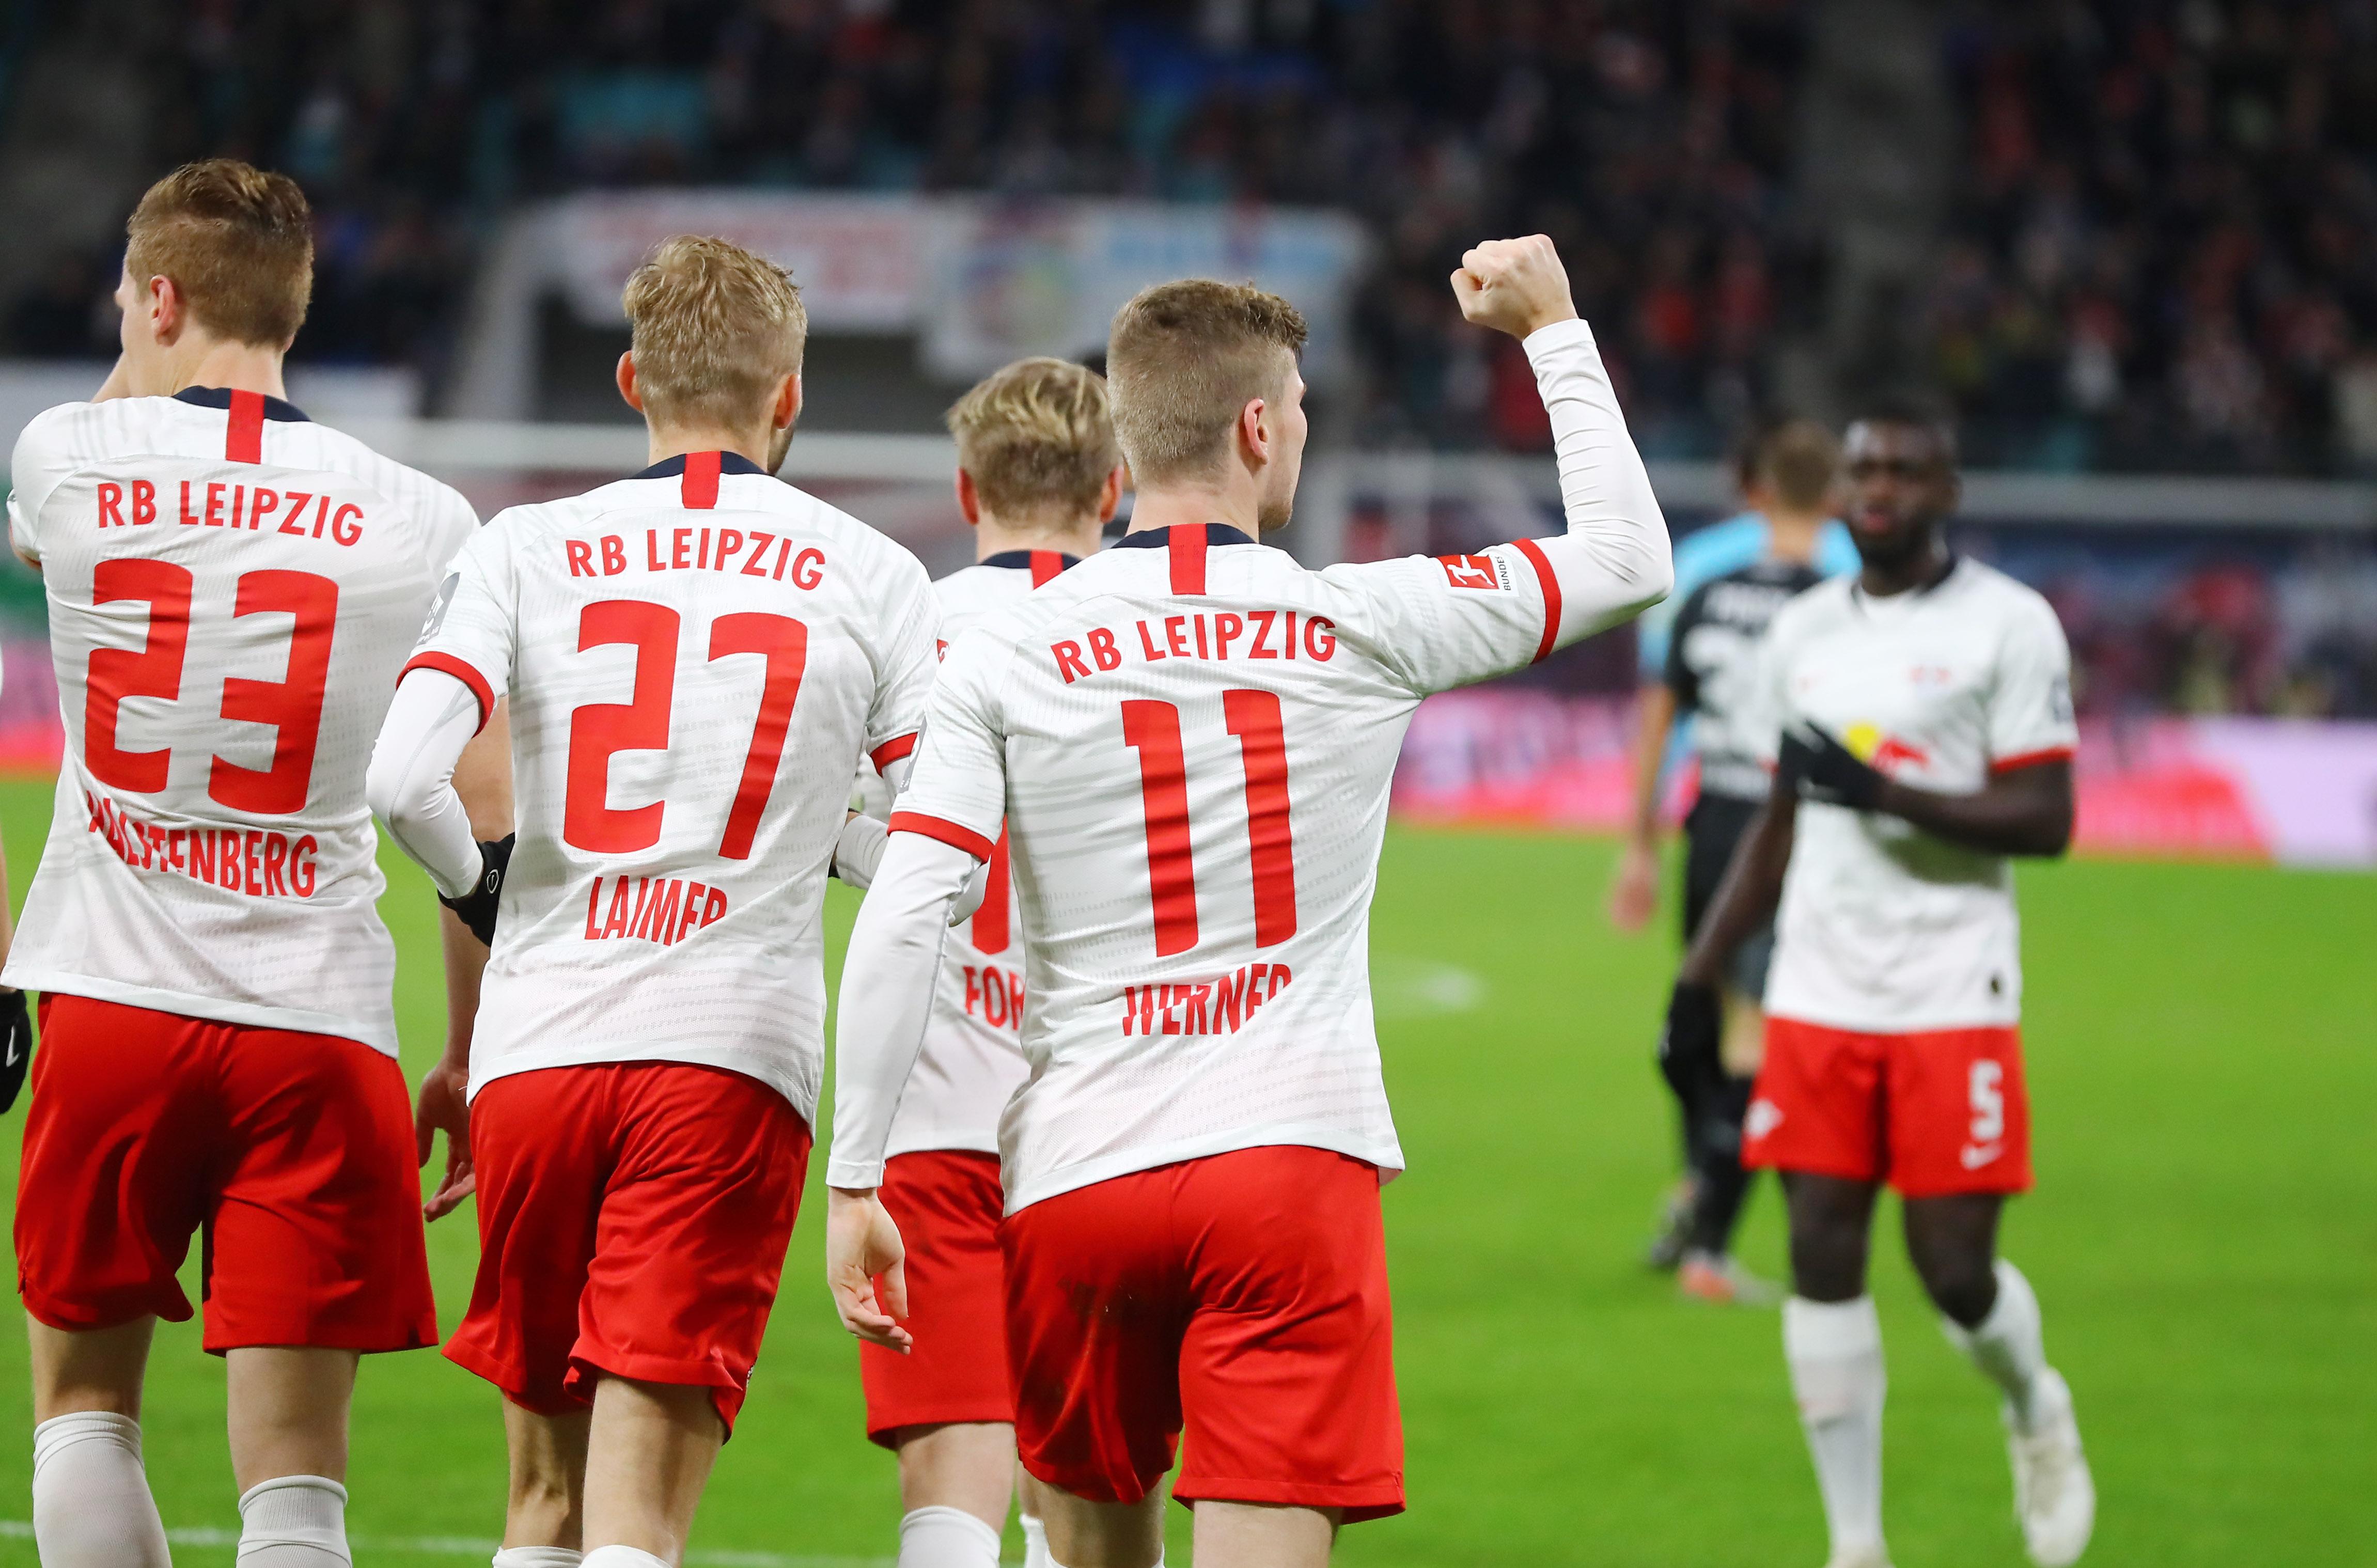 Mal aimé en Allemagne, Leipzig poursuit son développement à grande vitesse